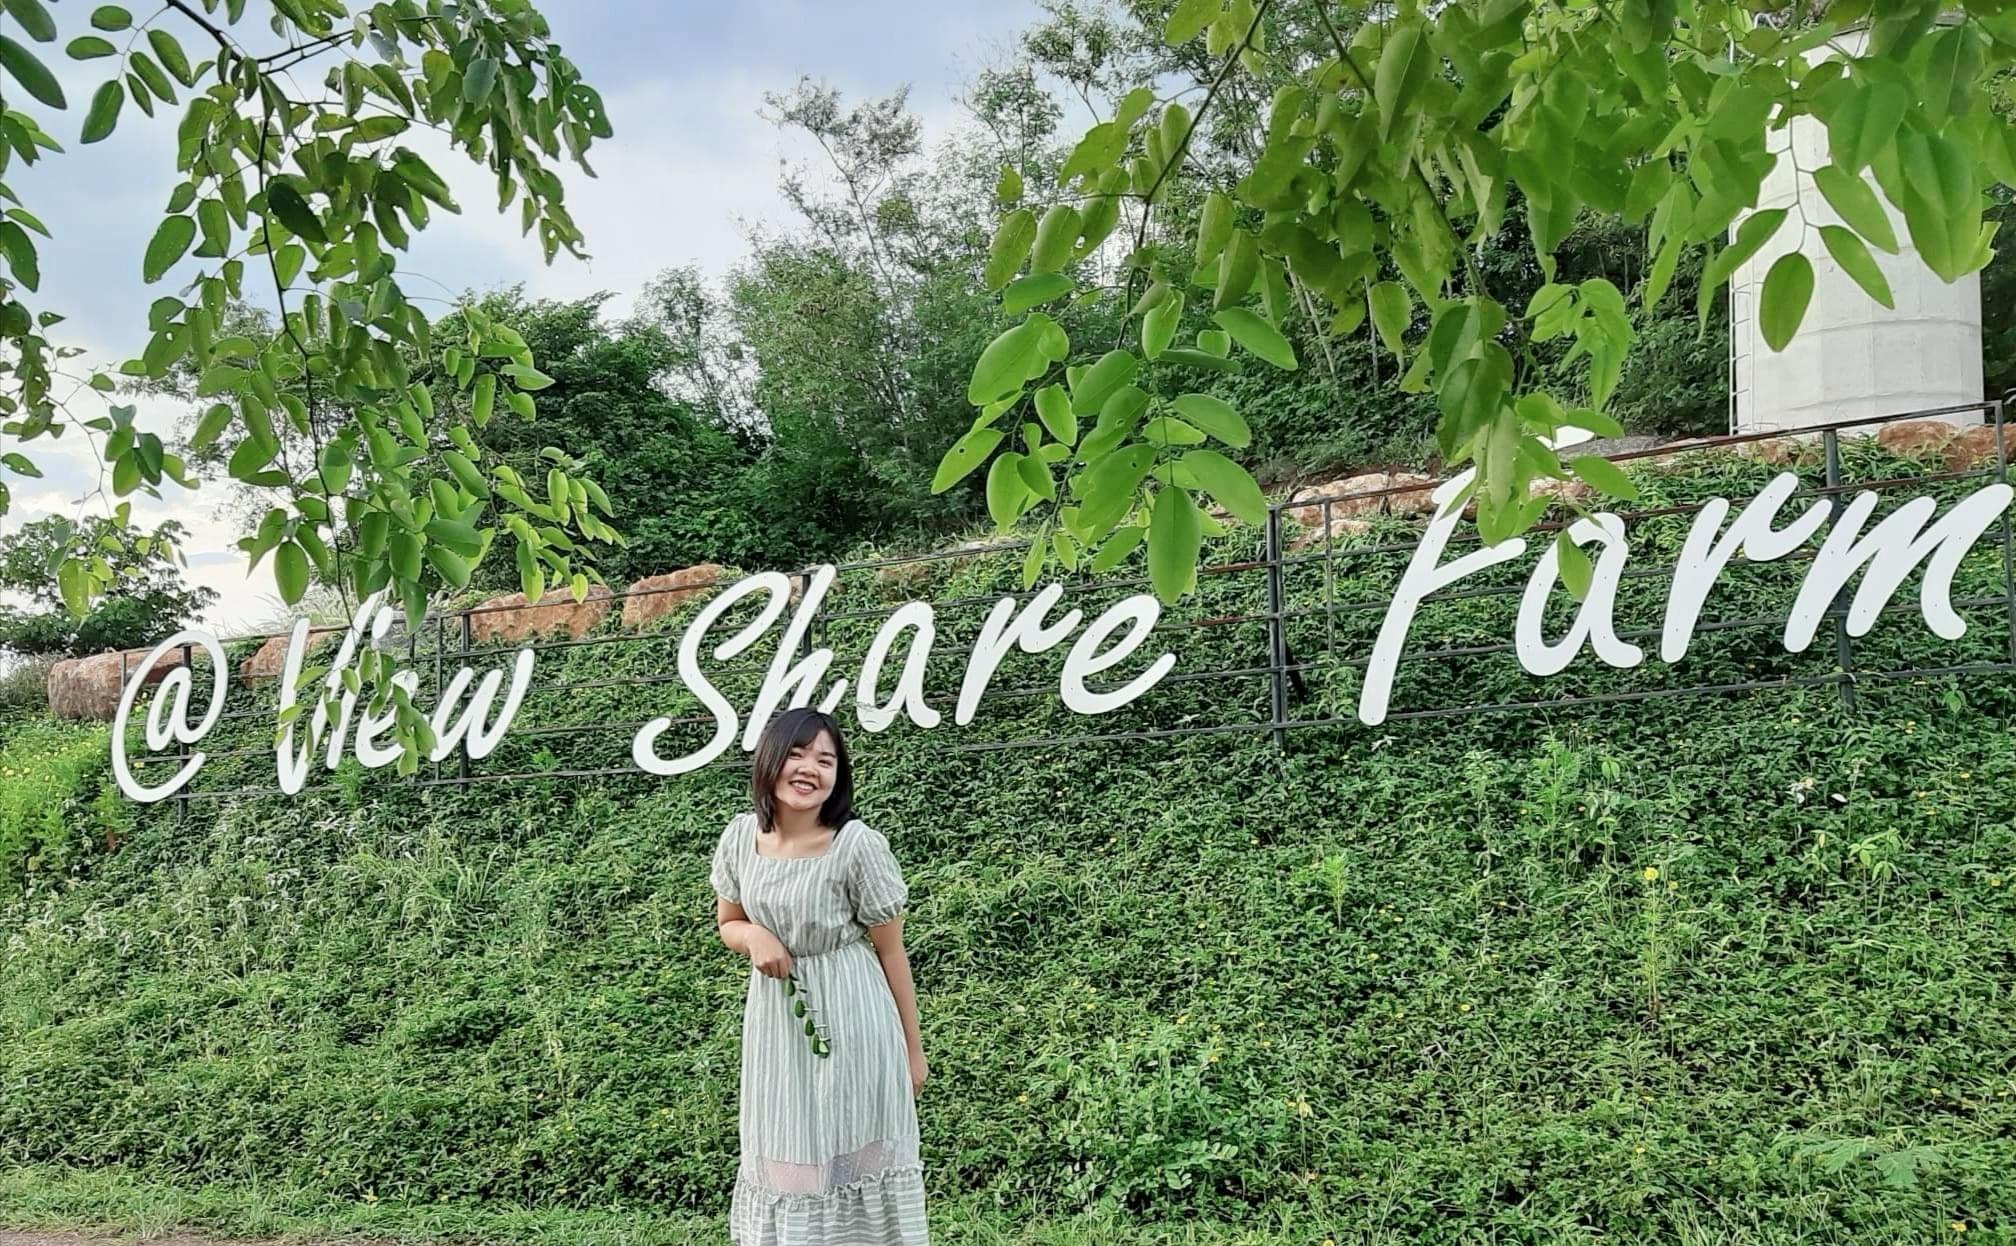 ป้าย view share farm